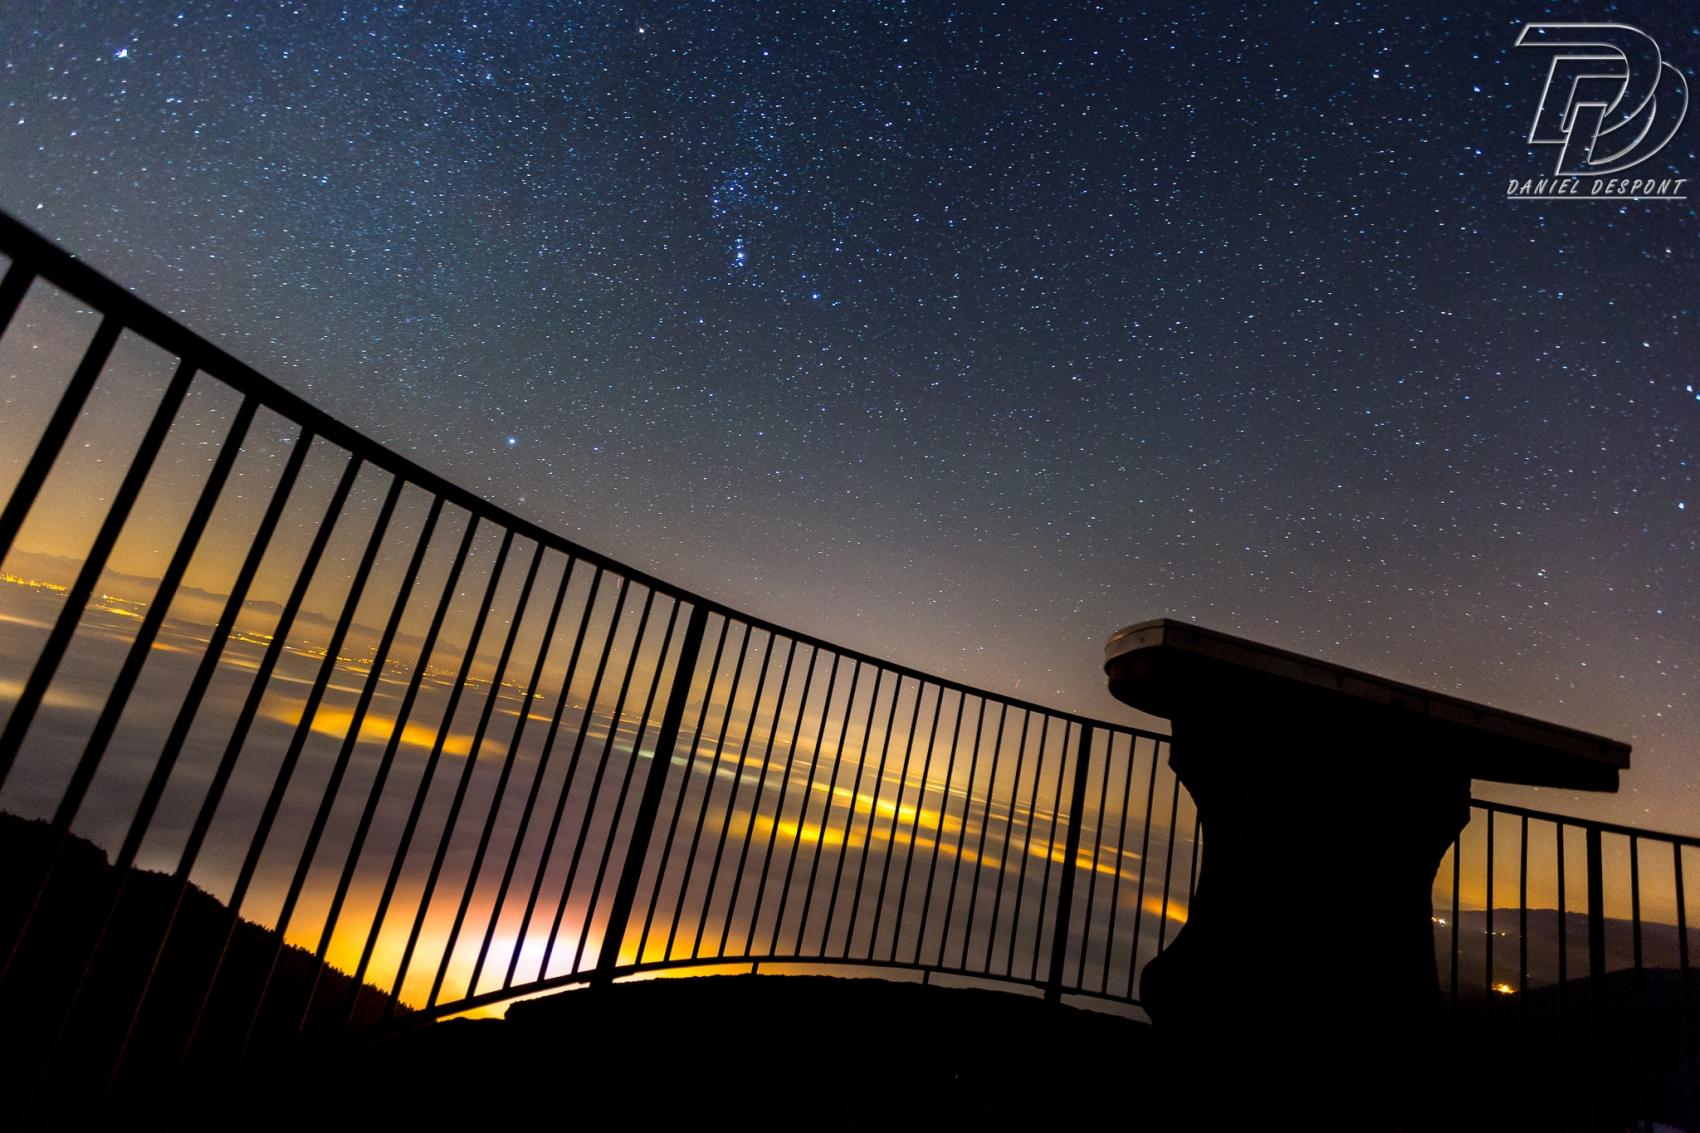 Les étoiles du mont de Baulmes, VD